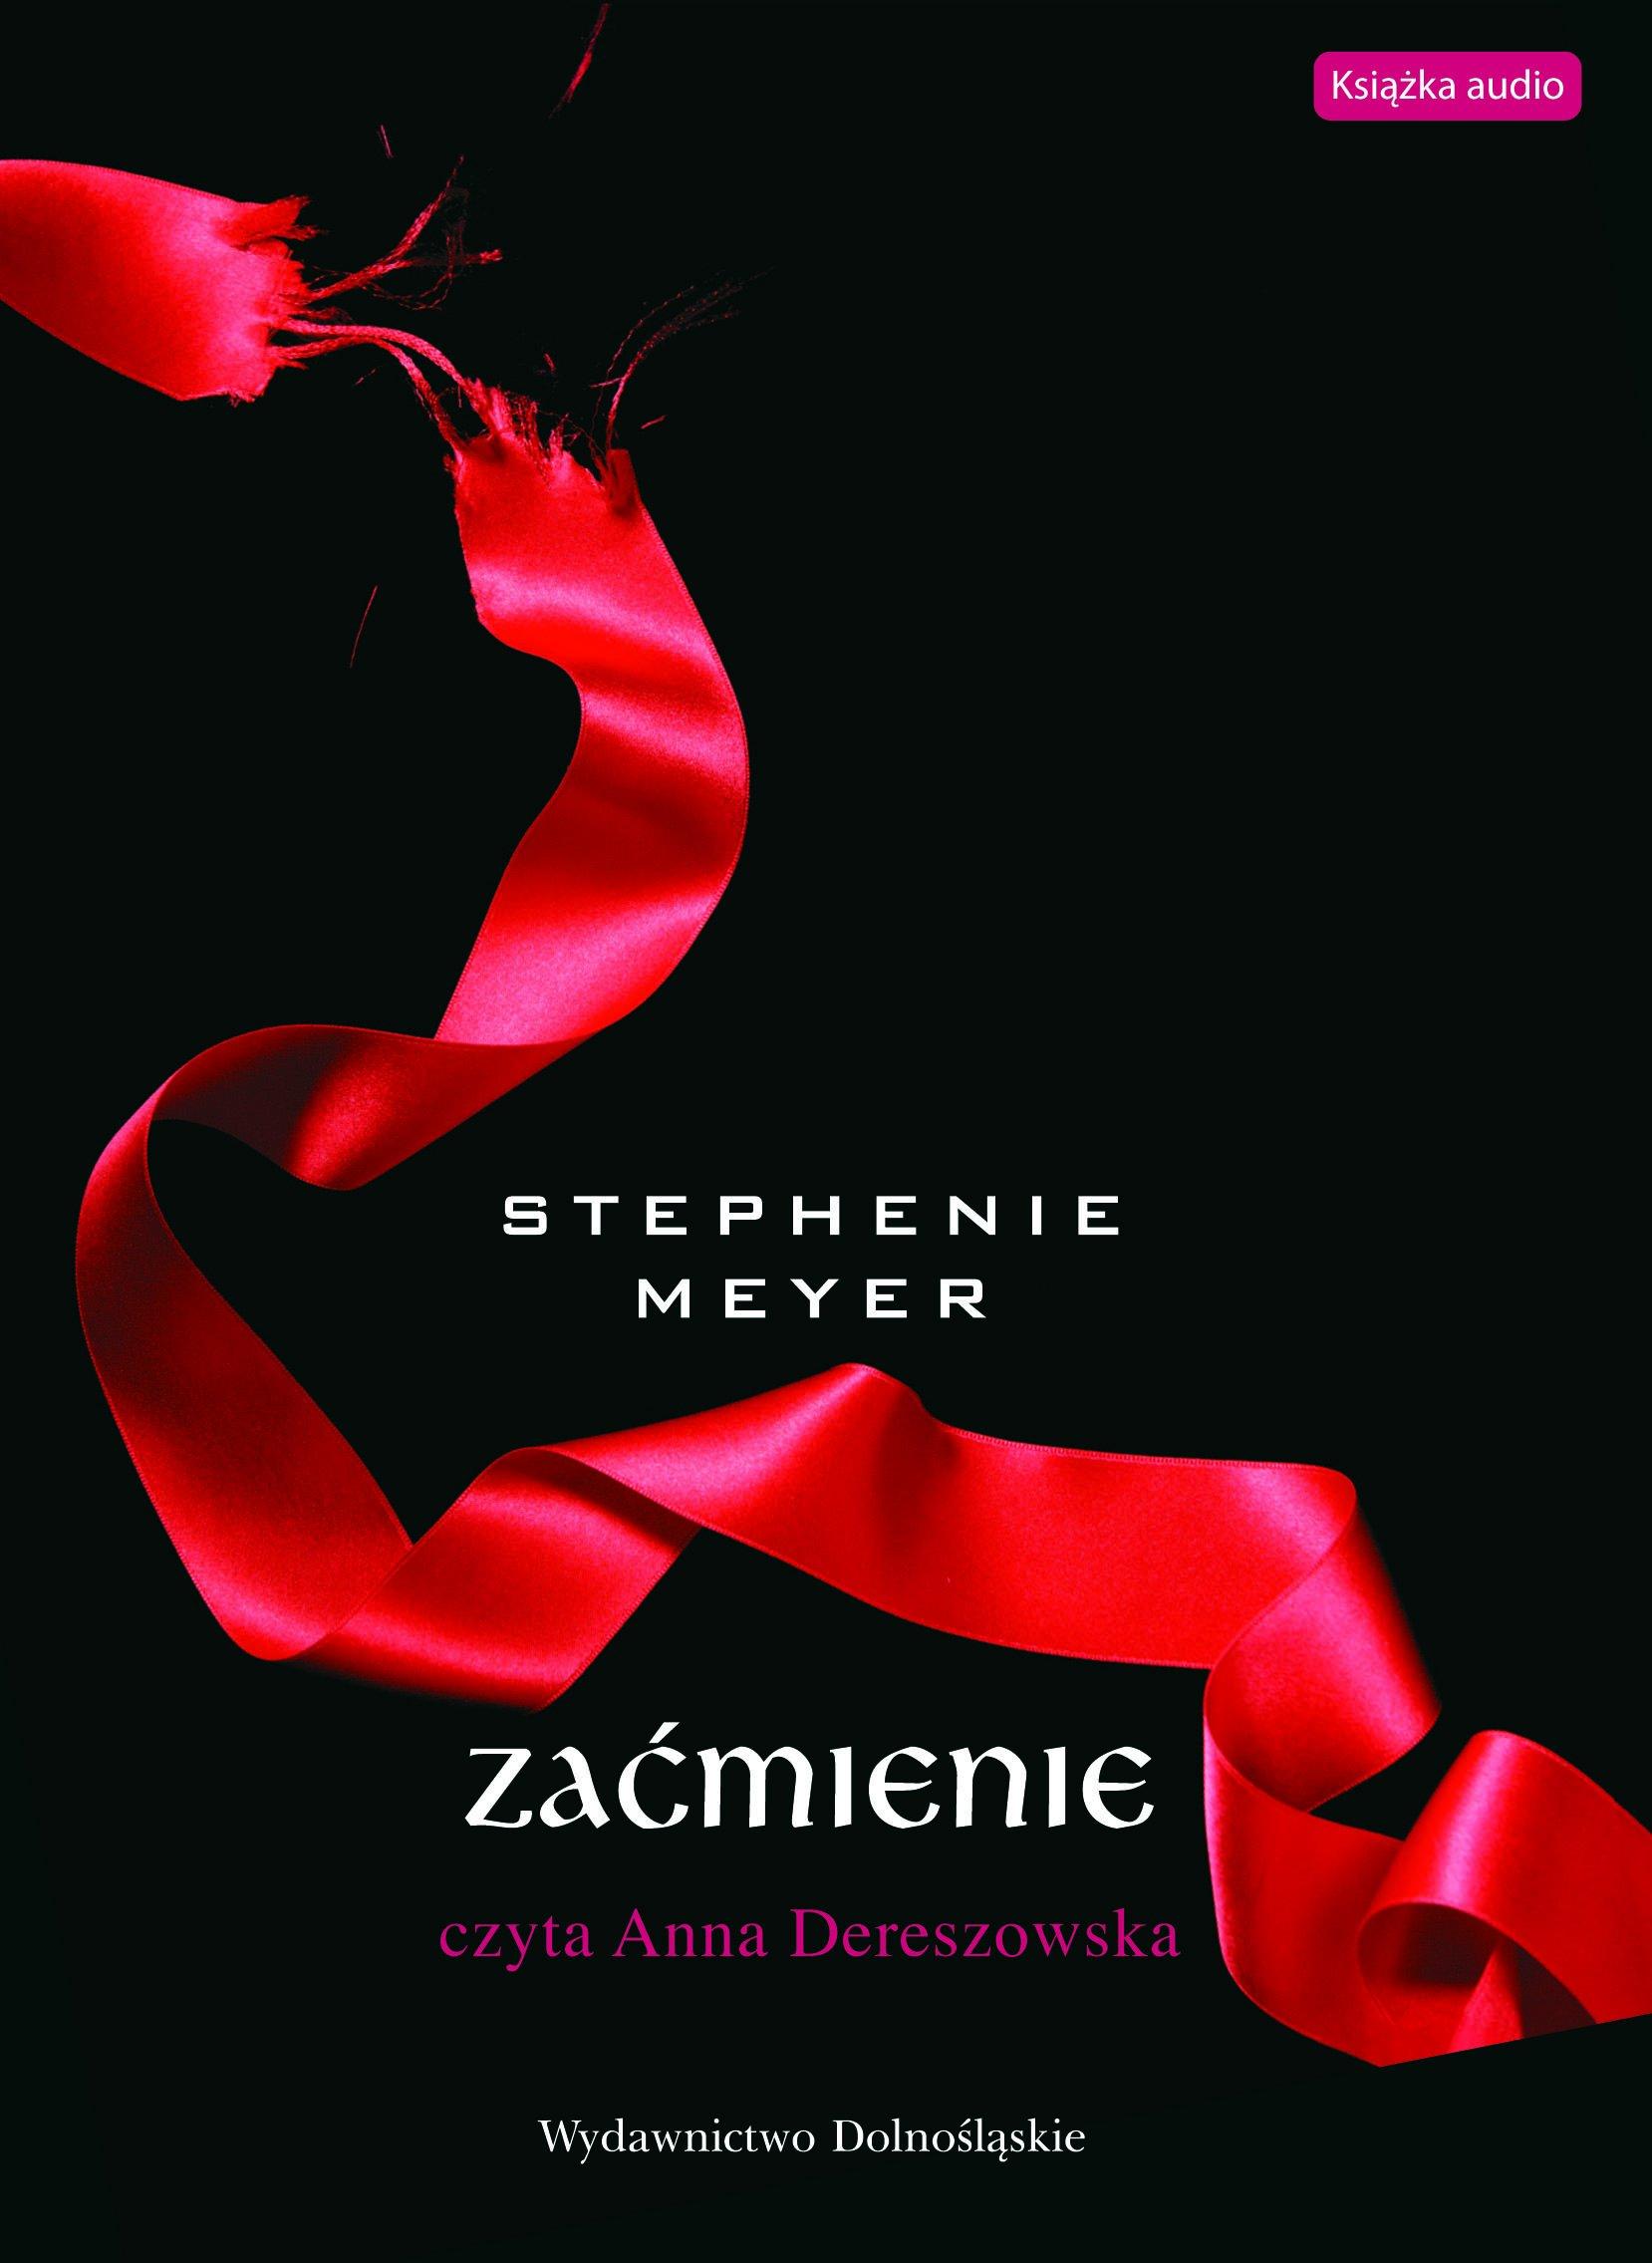 Zaćmienie - audiobook – Stephenie Meyer, Wydawnictwo Dolnośląskie, powieści, audio, mp3, książki audio, saga, opowiesc, romans, obyczajowe, kryminał i sensacja, epartnerzy.com